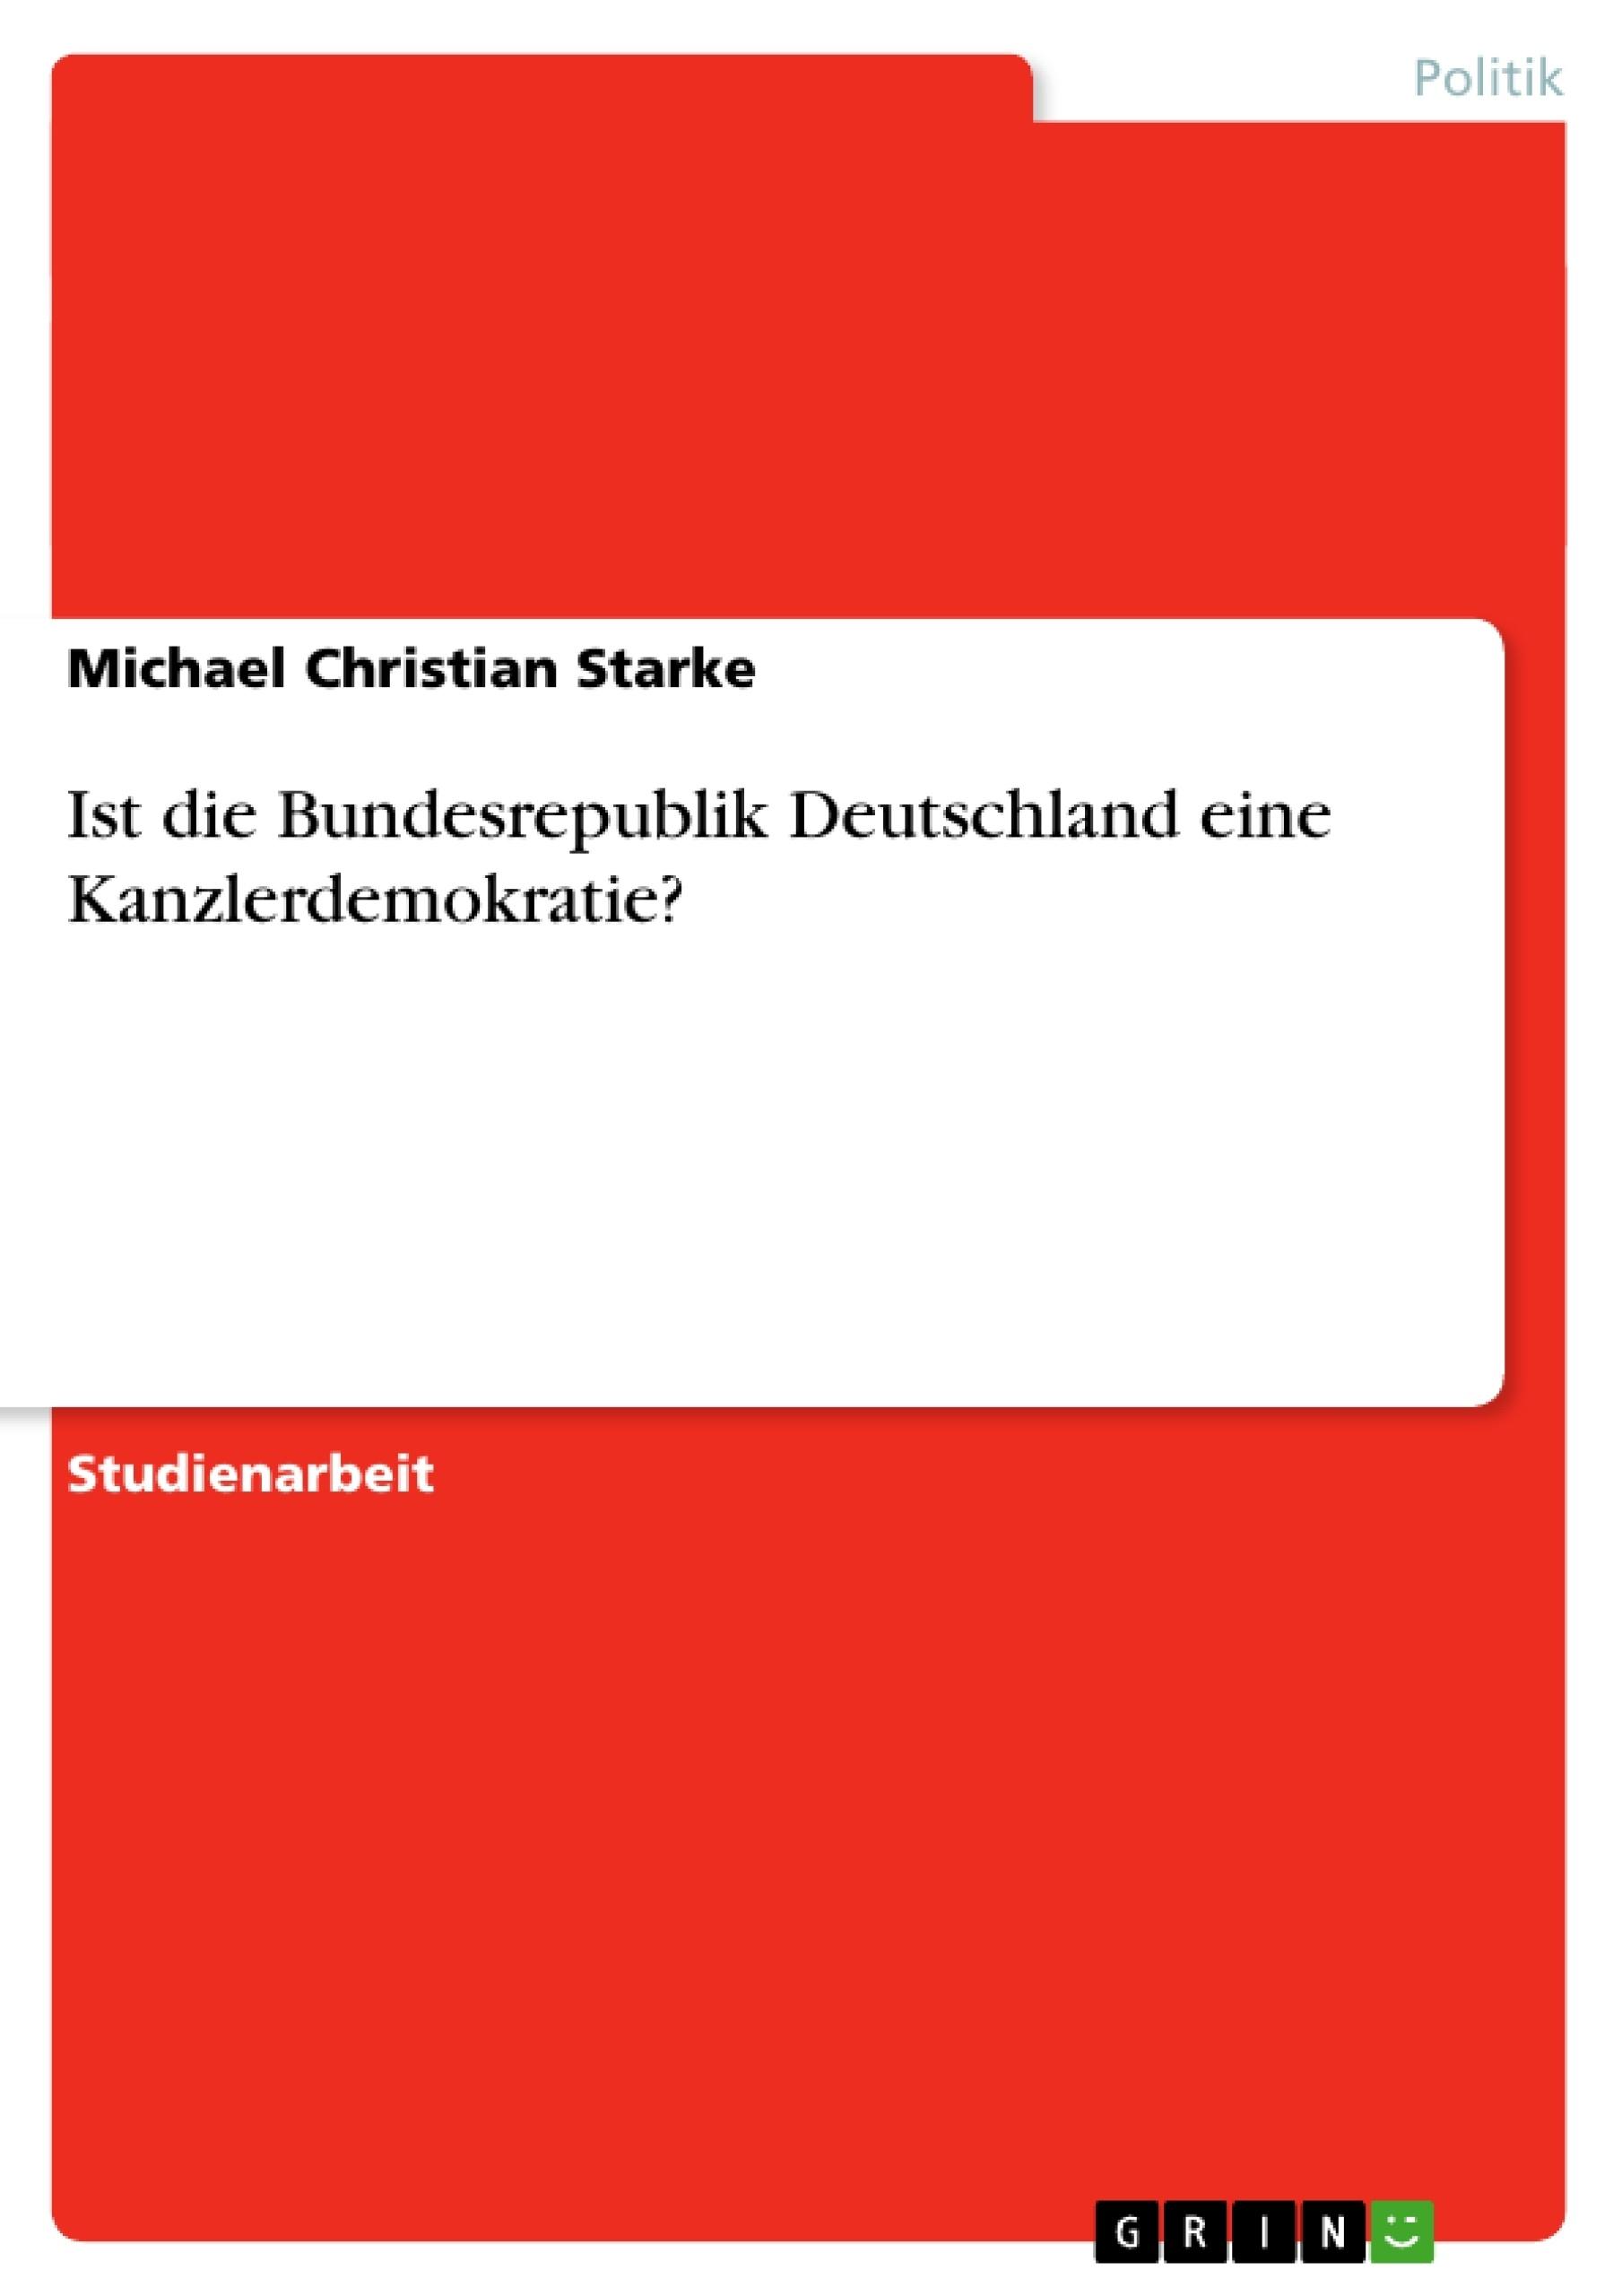 Titel: Ist die Bundesrepublik Deutschland eine Kanzlerdemokratie?